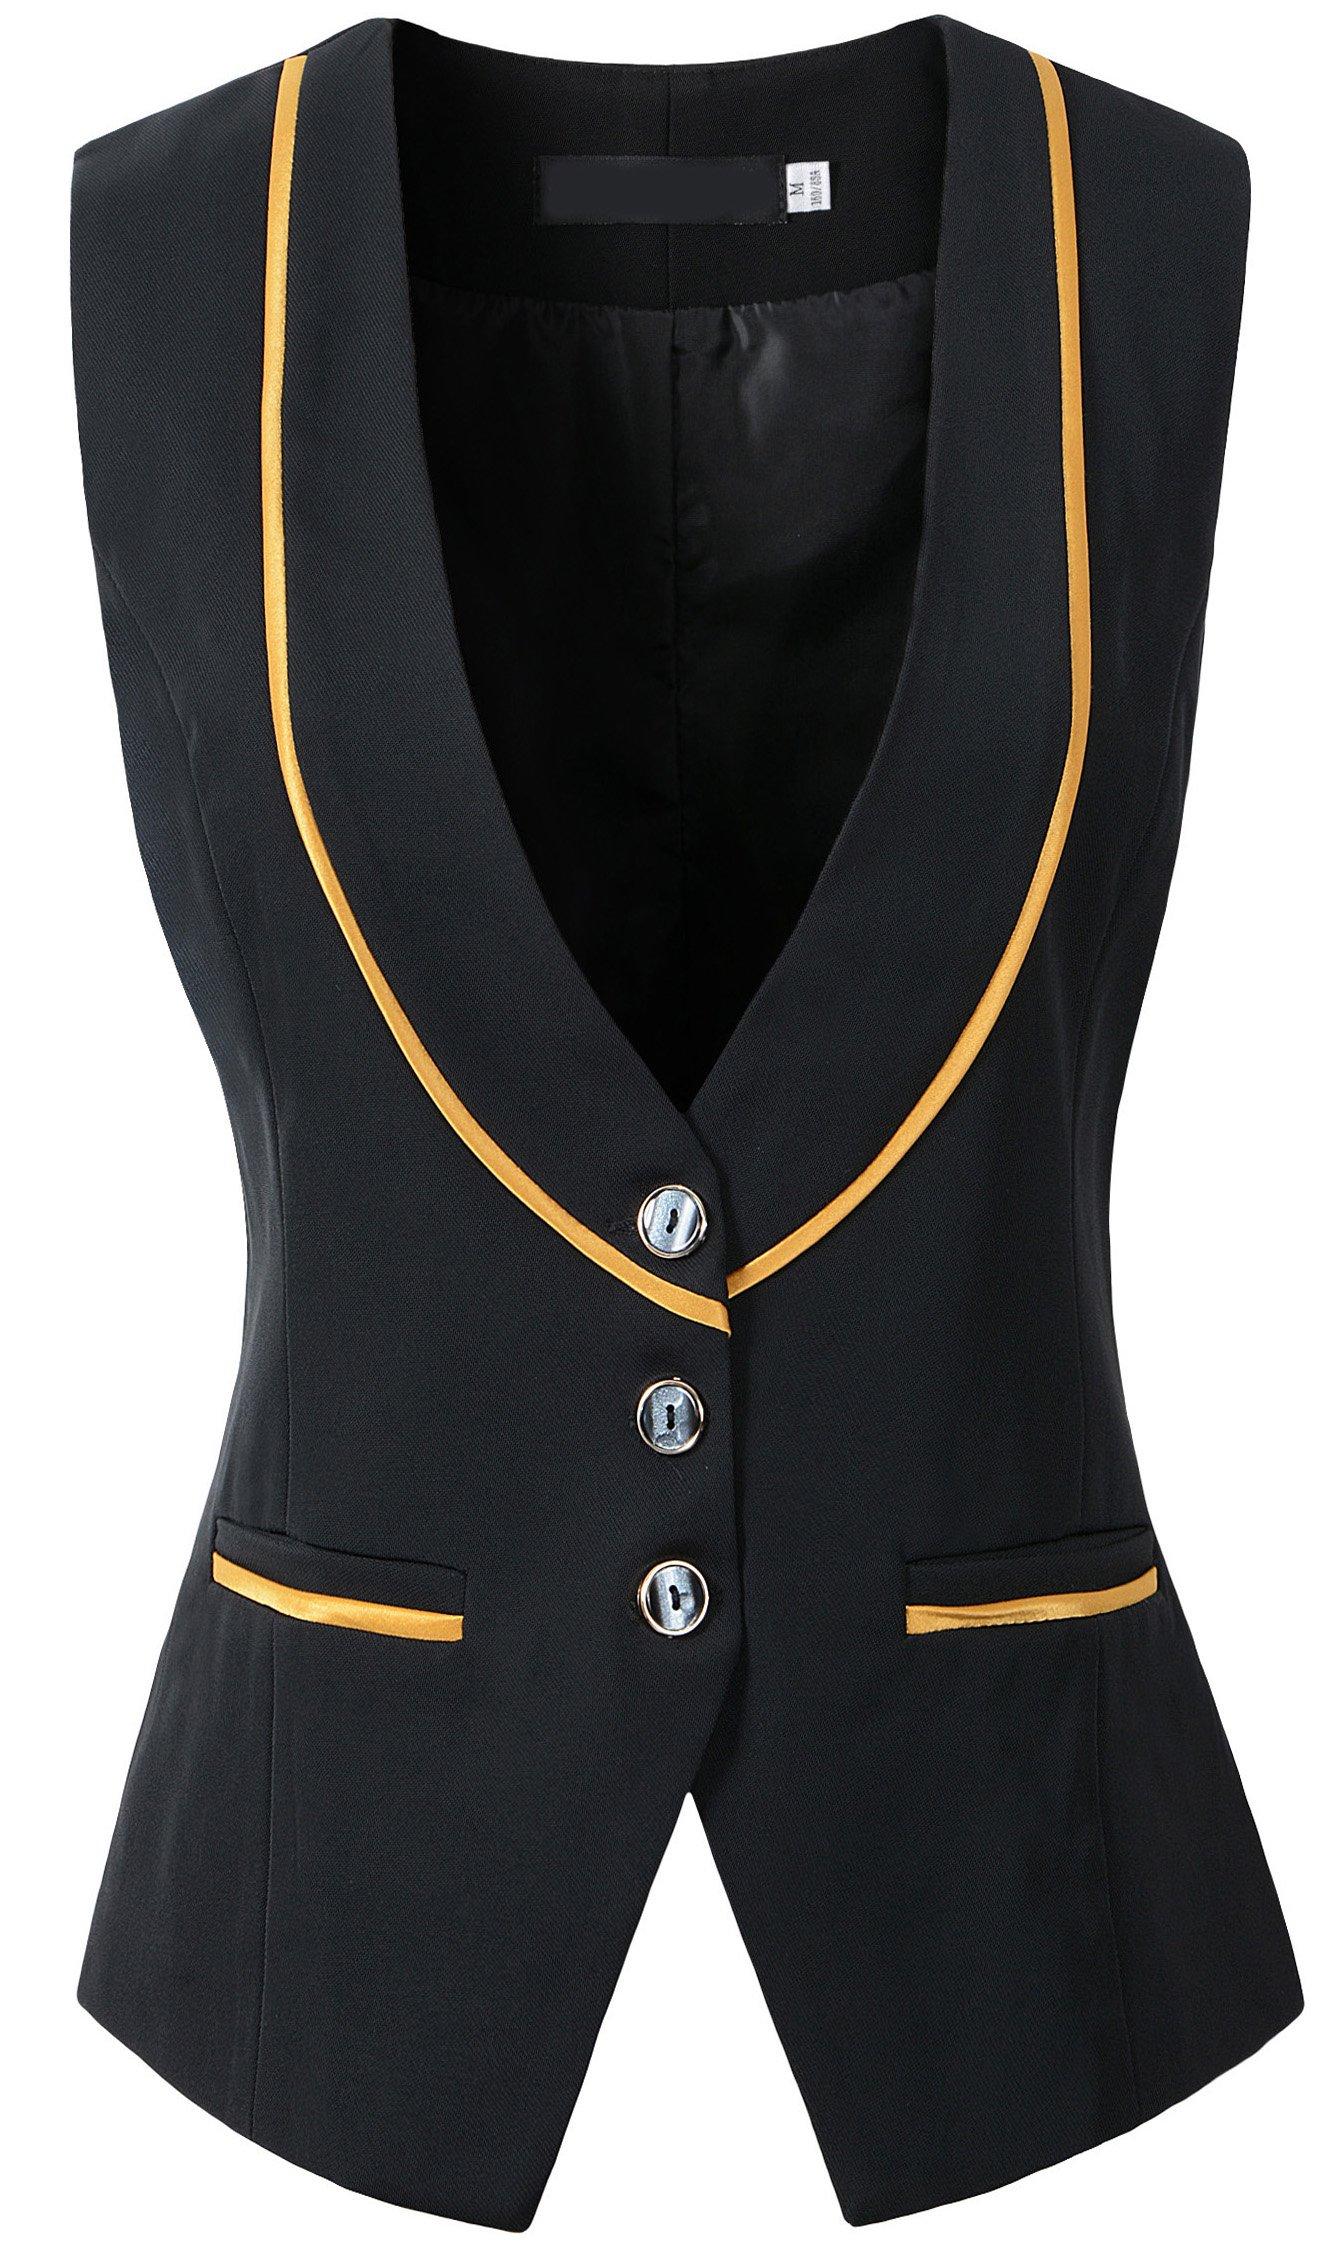 Vocni Women Slim Fit V-Neck Buttoned Business Waistcoat Vest, US XS(Asia M) (Fit Bust 30.7''-33.5''),  Black